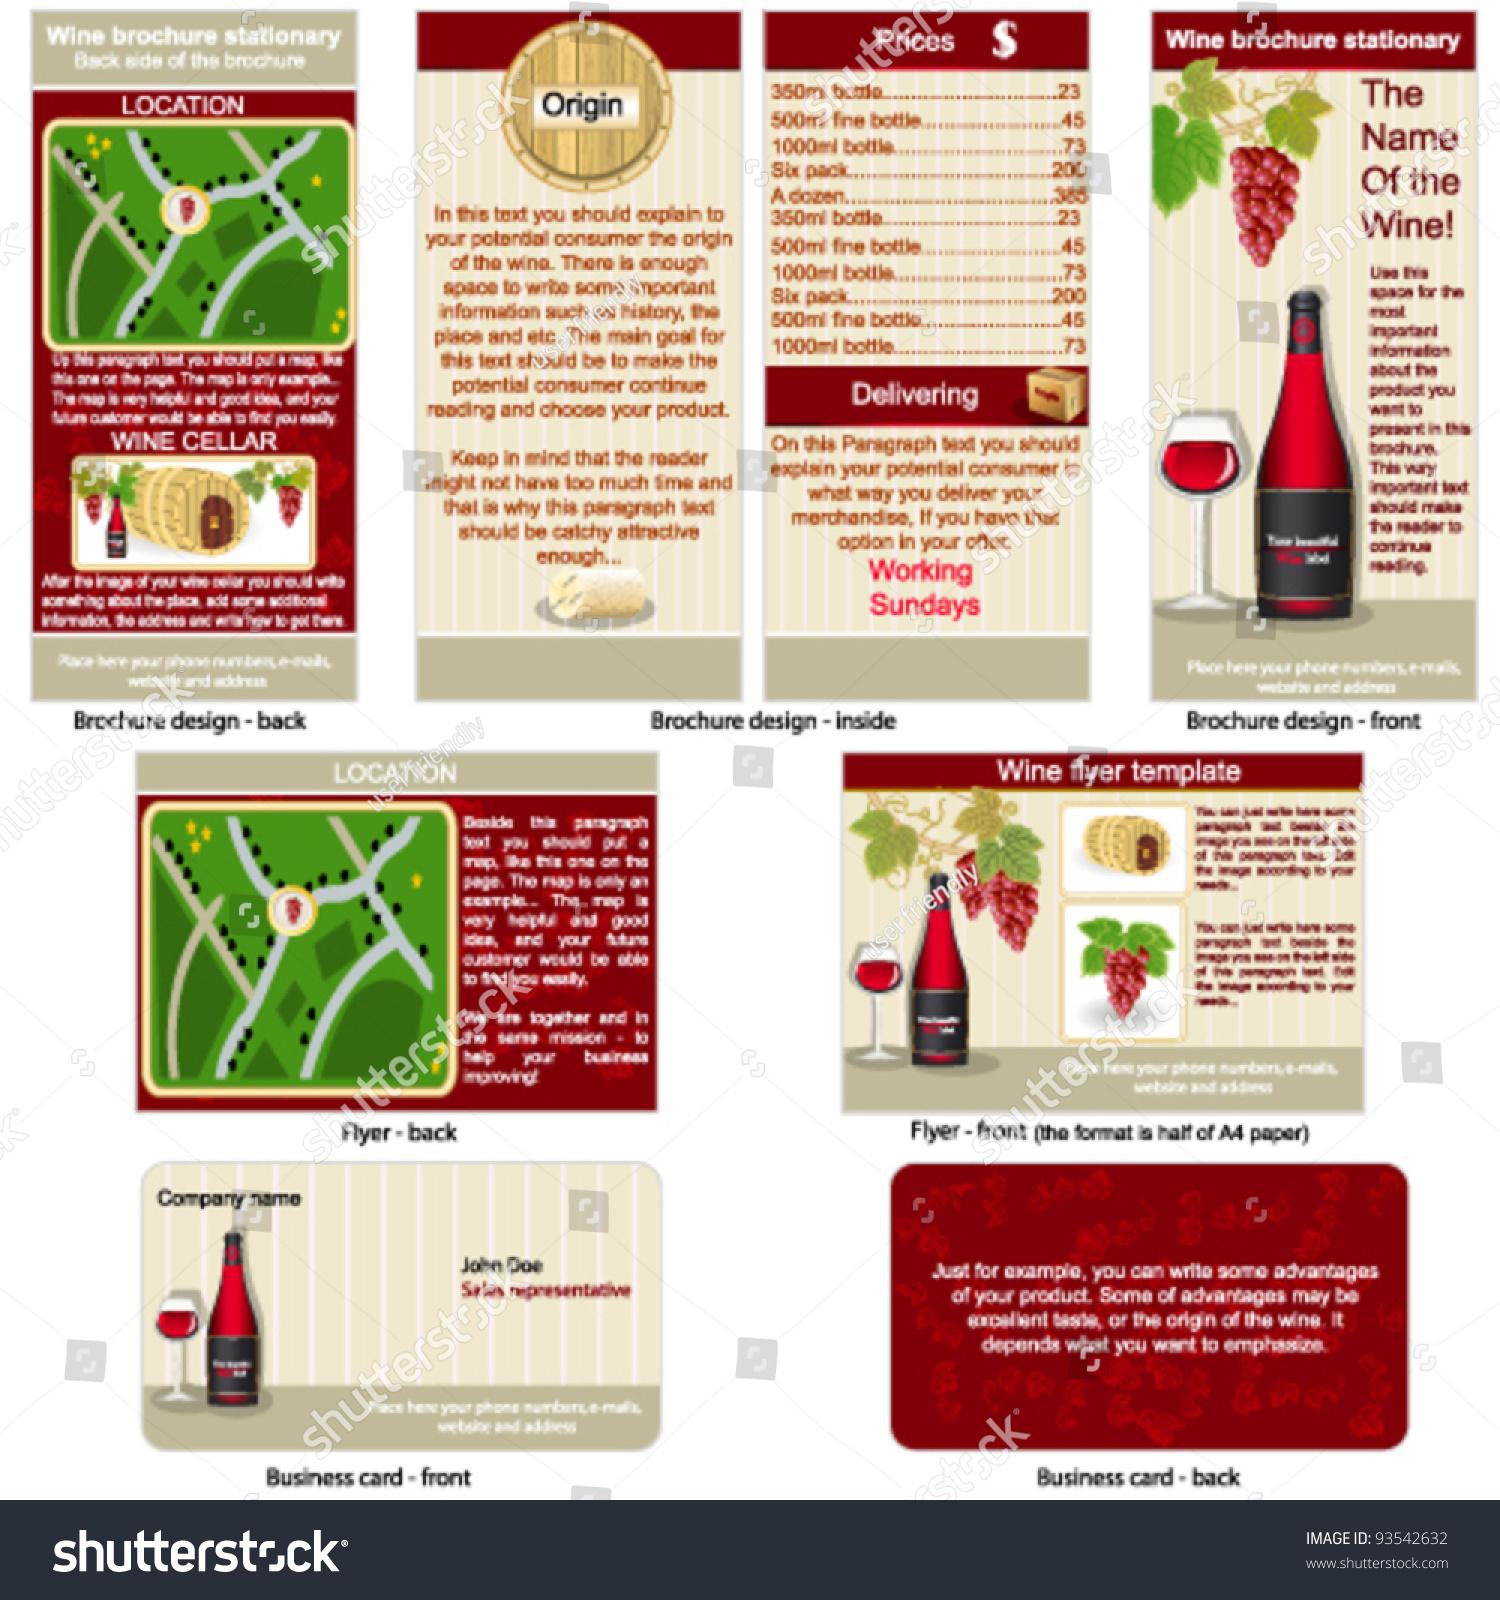 红酒静止,宣传册设计,传单设计和名片设计在一个包和完全可编辑的.